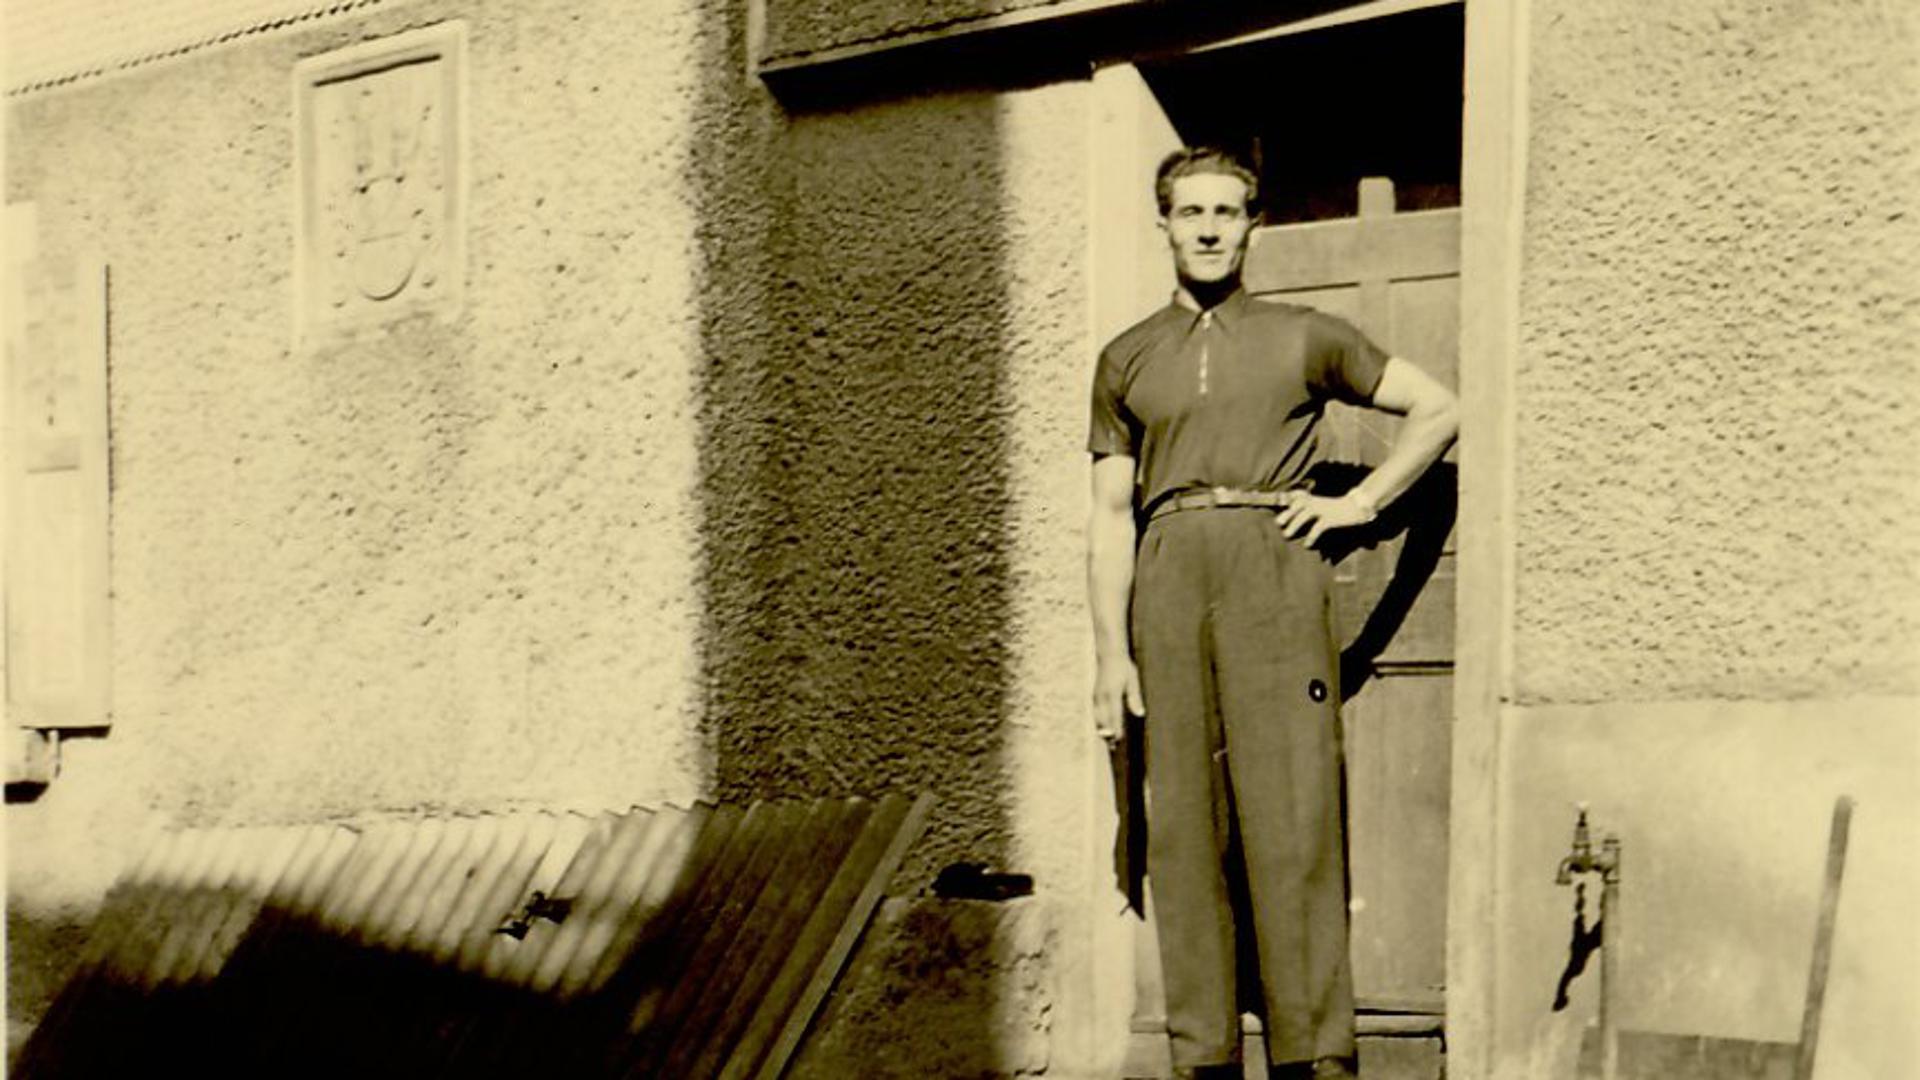 Beliebt bei den Dorfbewohnern: Johann Kocak kam als Kriegsgefangener nach Malsch – und fand dort eine neue Heimat.